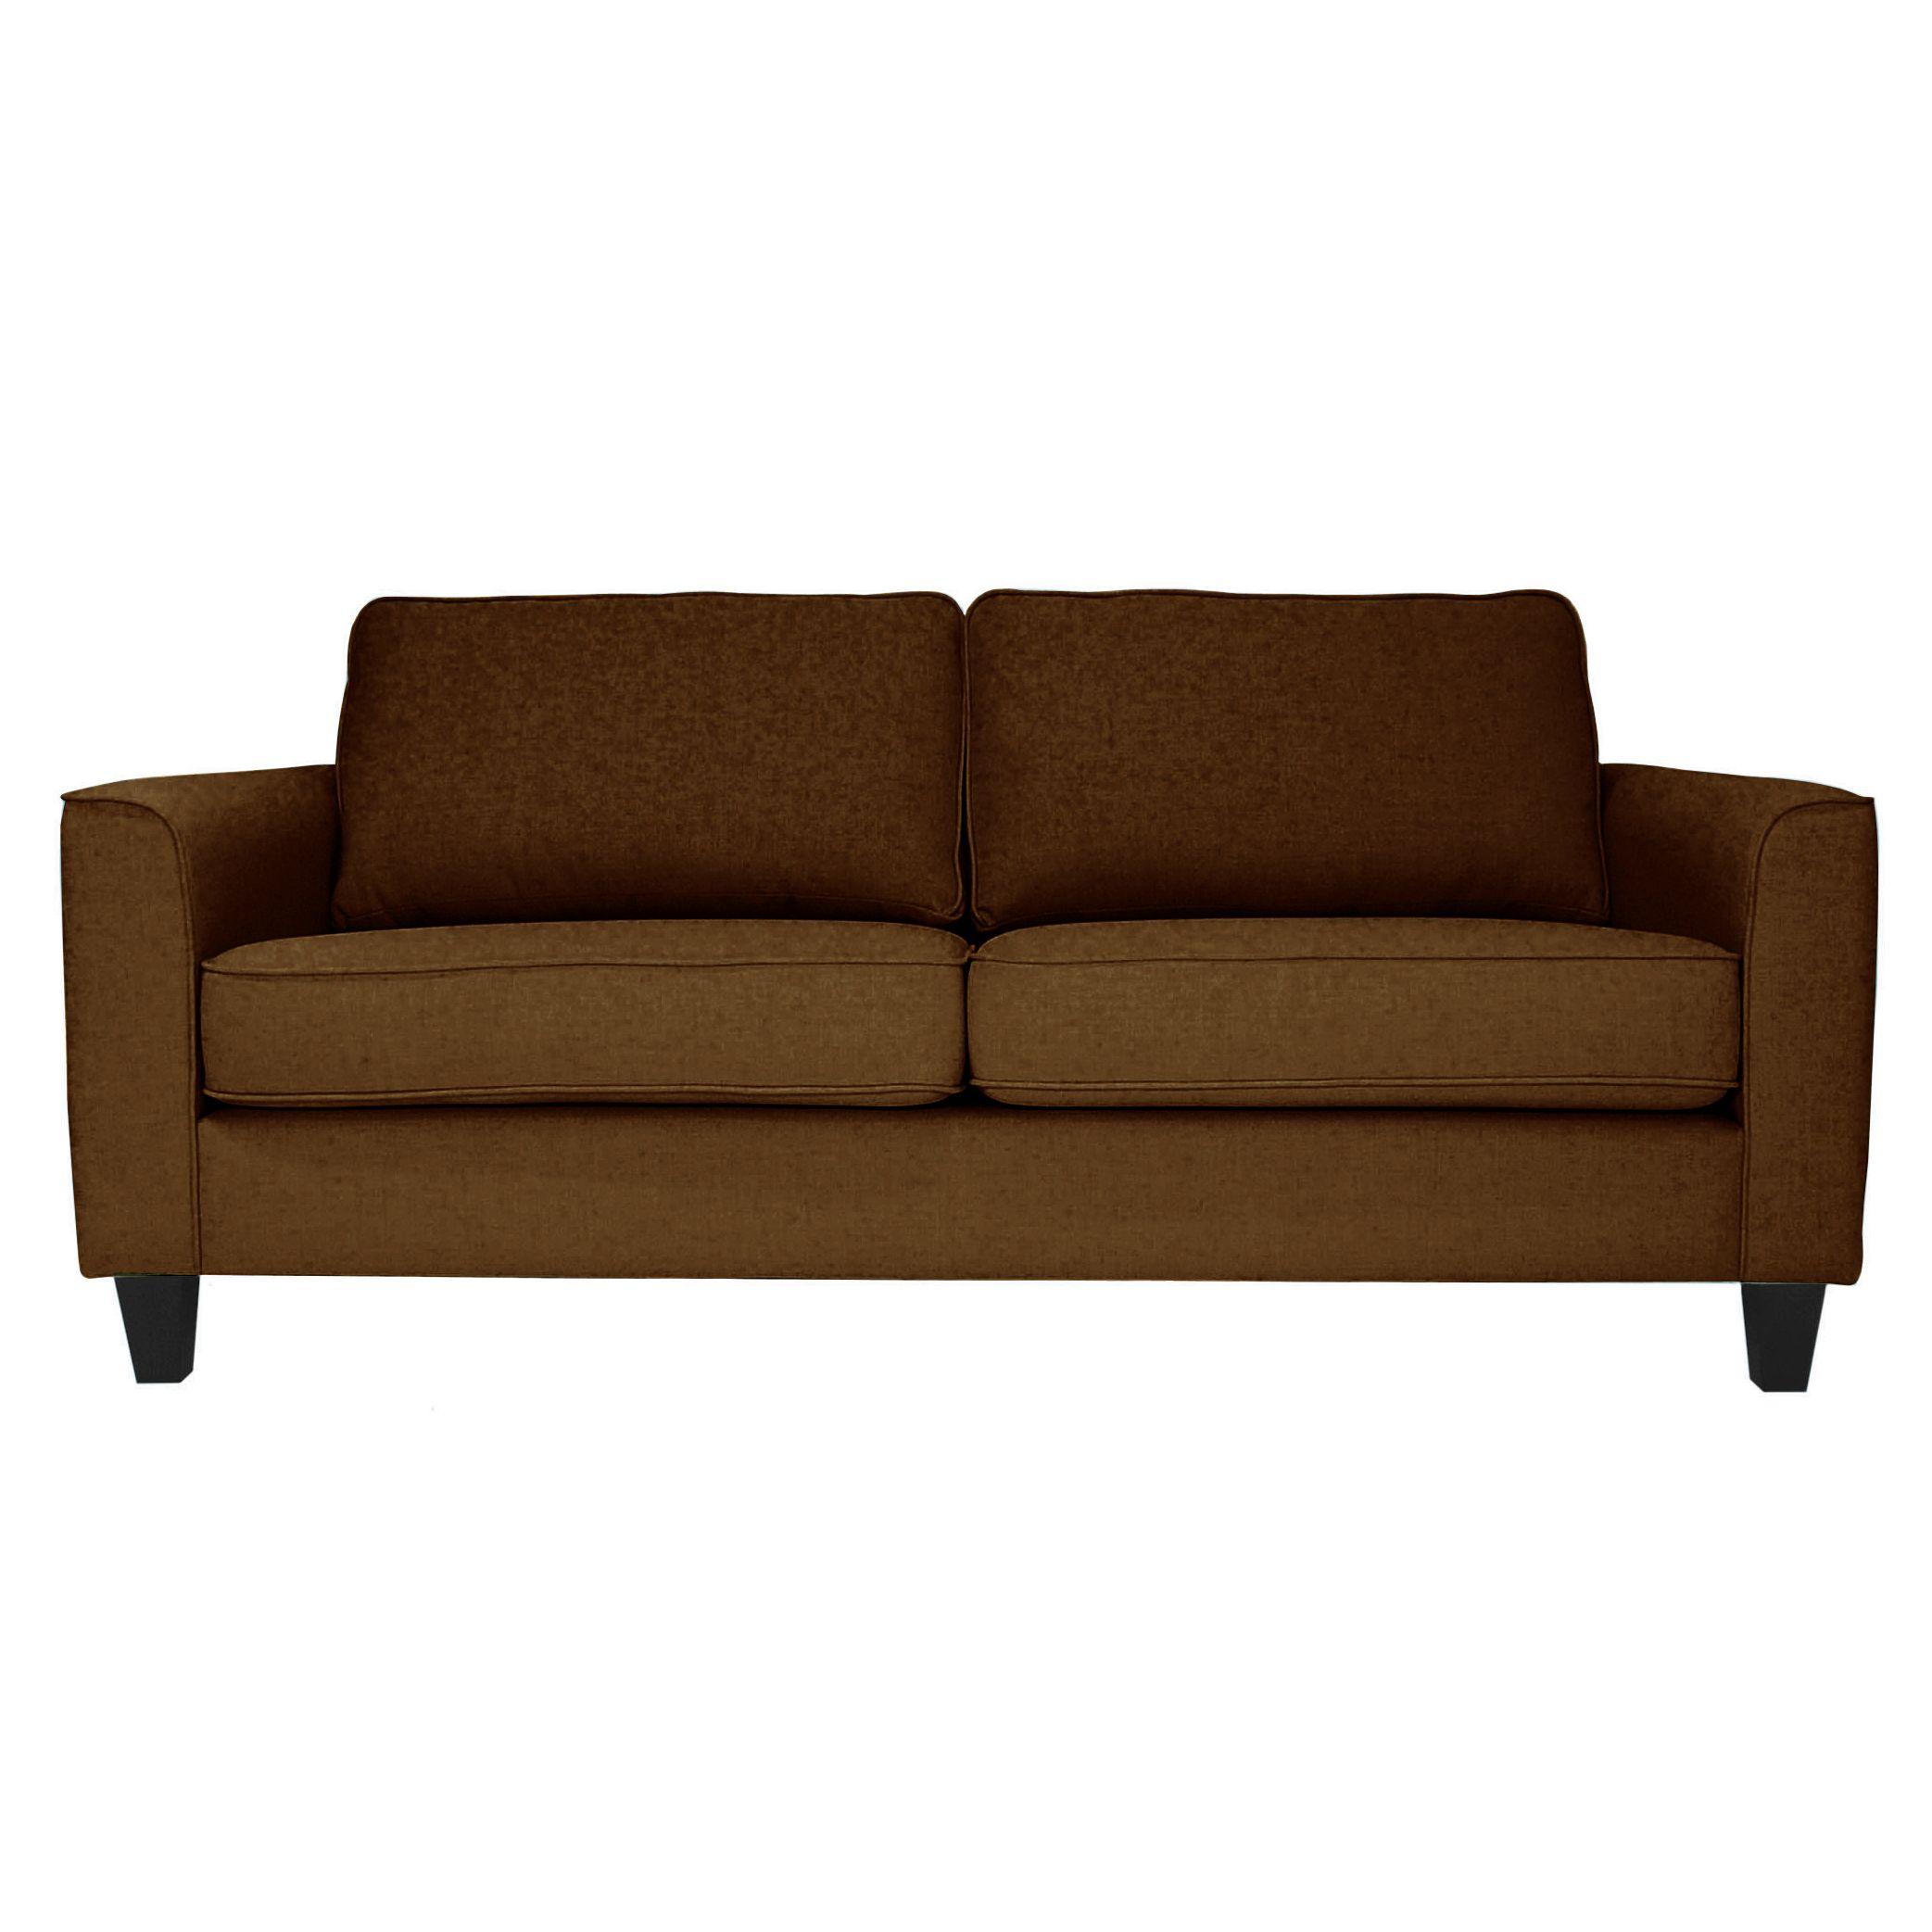 john lewis sofa beds reviews. Black Bedroom Furniture Sets. Home Design Ideas